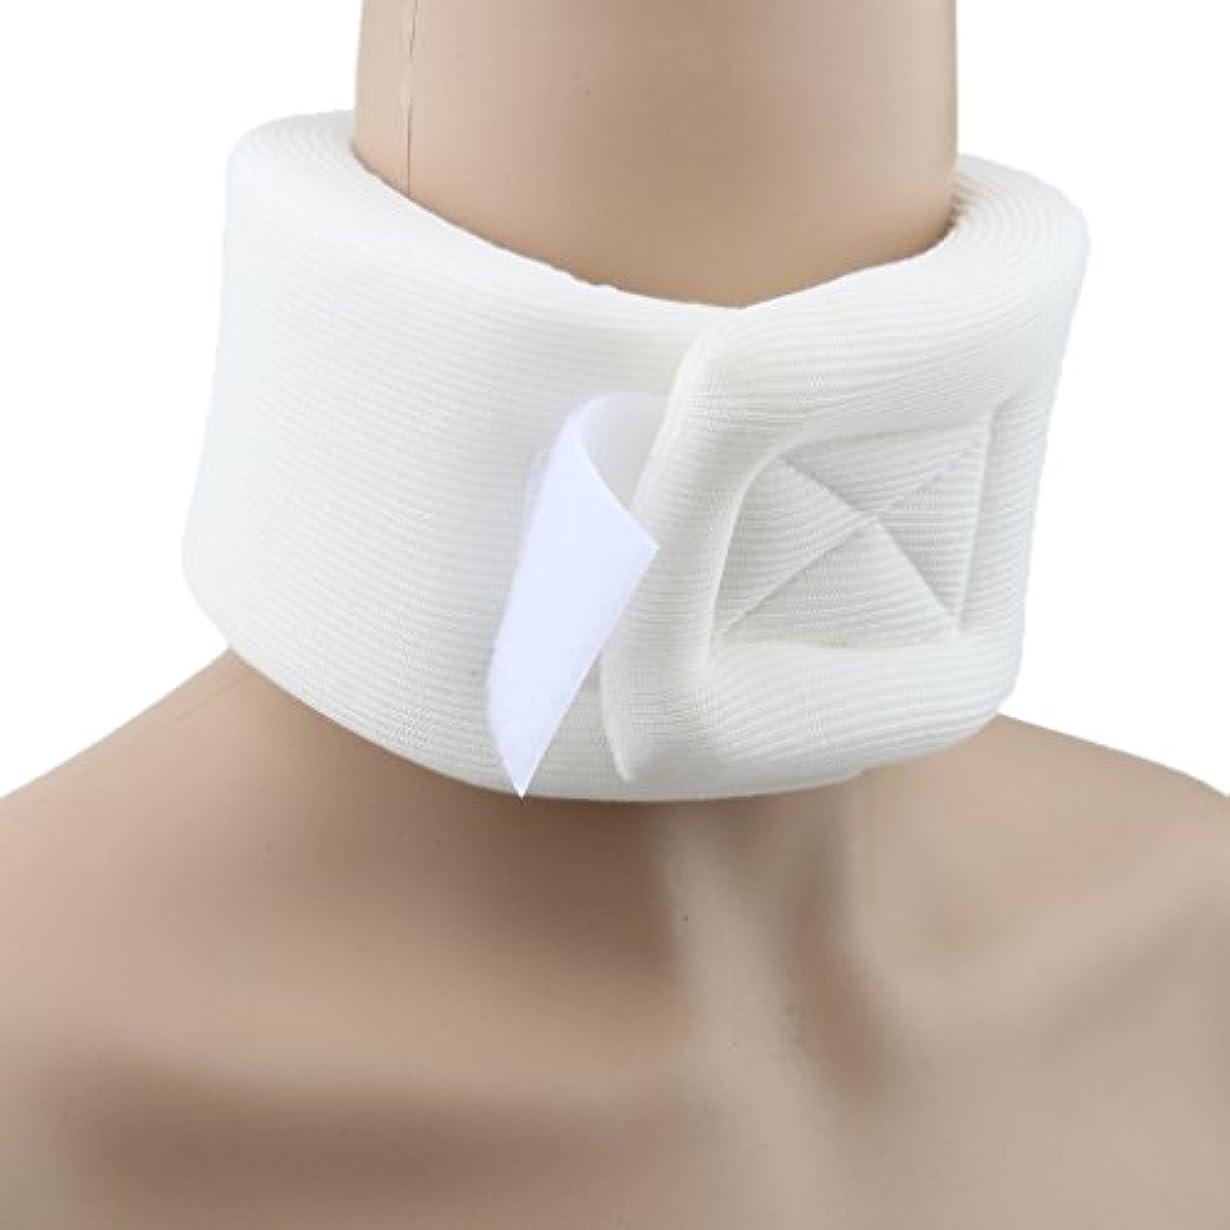 ネブ連帯変装首サポーター 頸椎 ソフト頸椎カラー 首コルセット ベージュ スポンジ 男女兼用